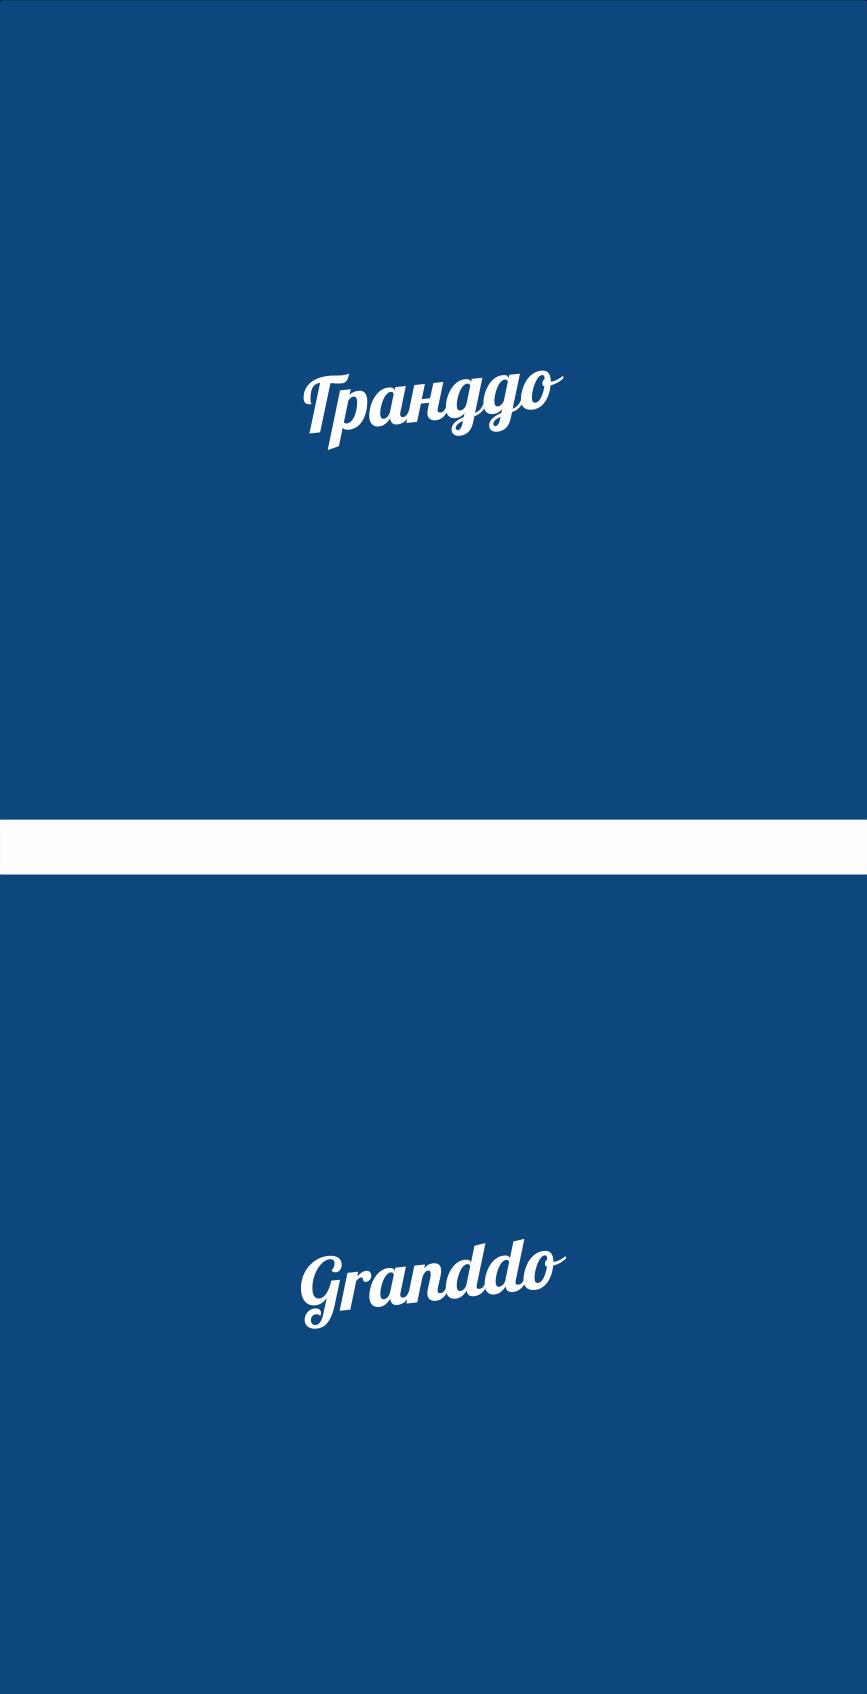 Разработка логотипа фото f_2035a8497c9bbfd8.png